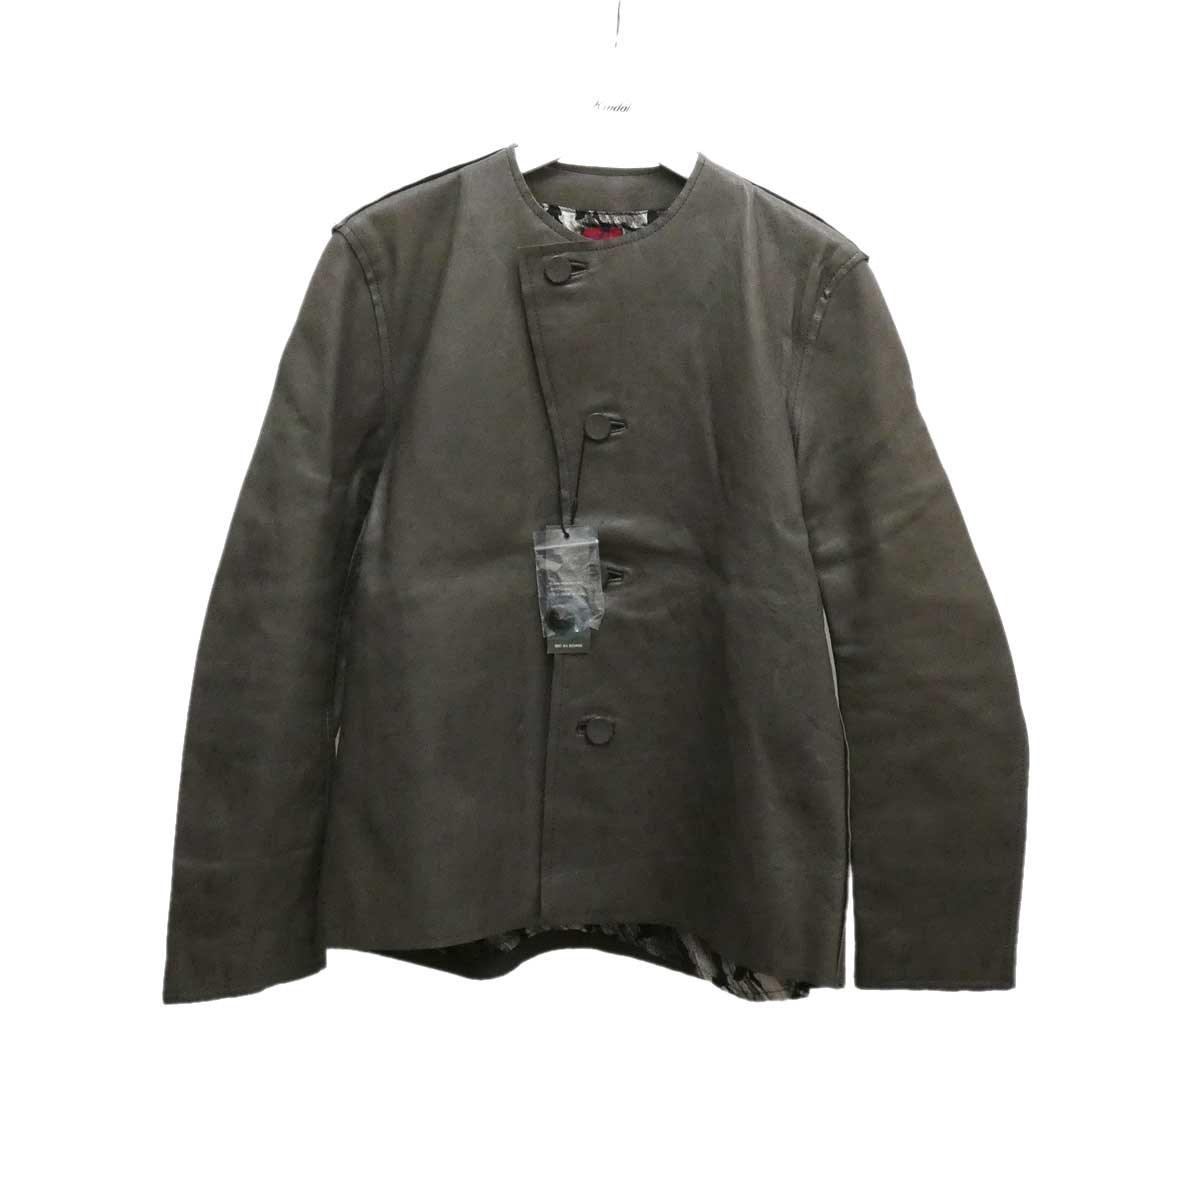 【中古】BRU NA BOINNE×BEAMS レプラホースジャケット ダークグレー サイズ:1 【110820】(ブルーナボイン×ビームス)